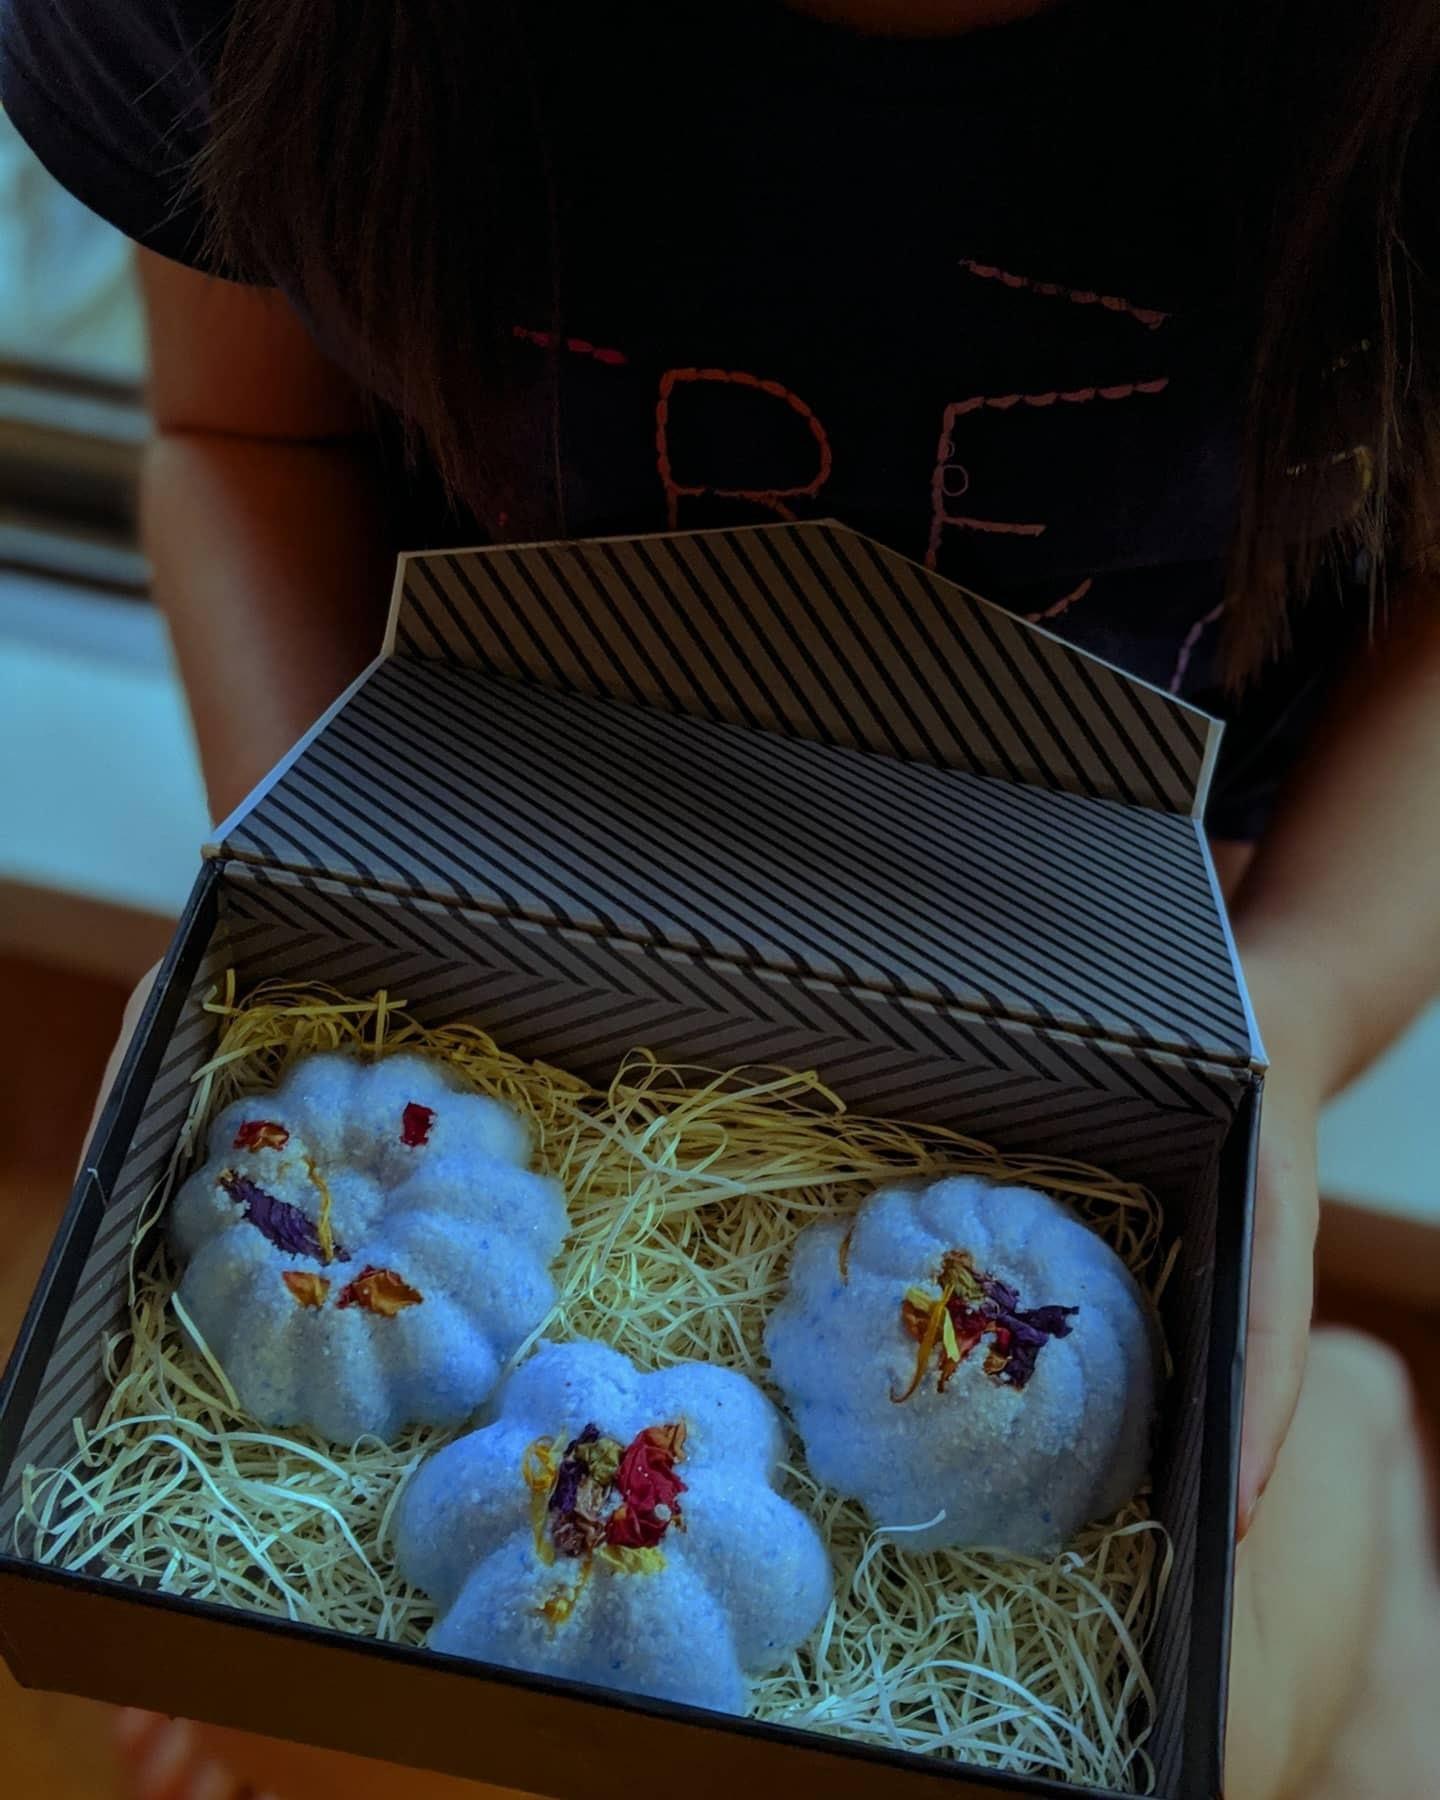 募集中【2020夏休み子どもWORKSHOP】ブレンド精油のしゅわしゅわバスボム作り_d0361299_16384957.jpg